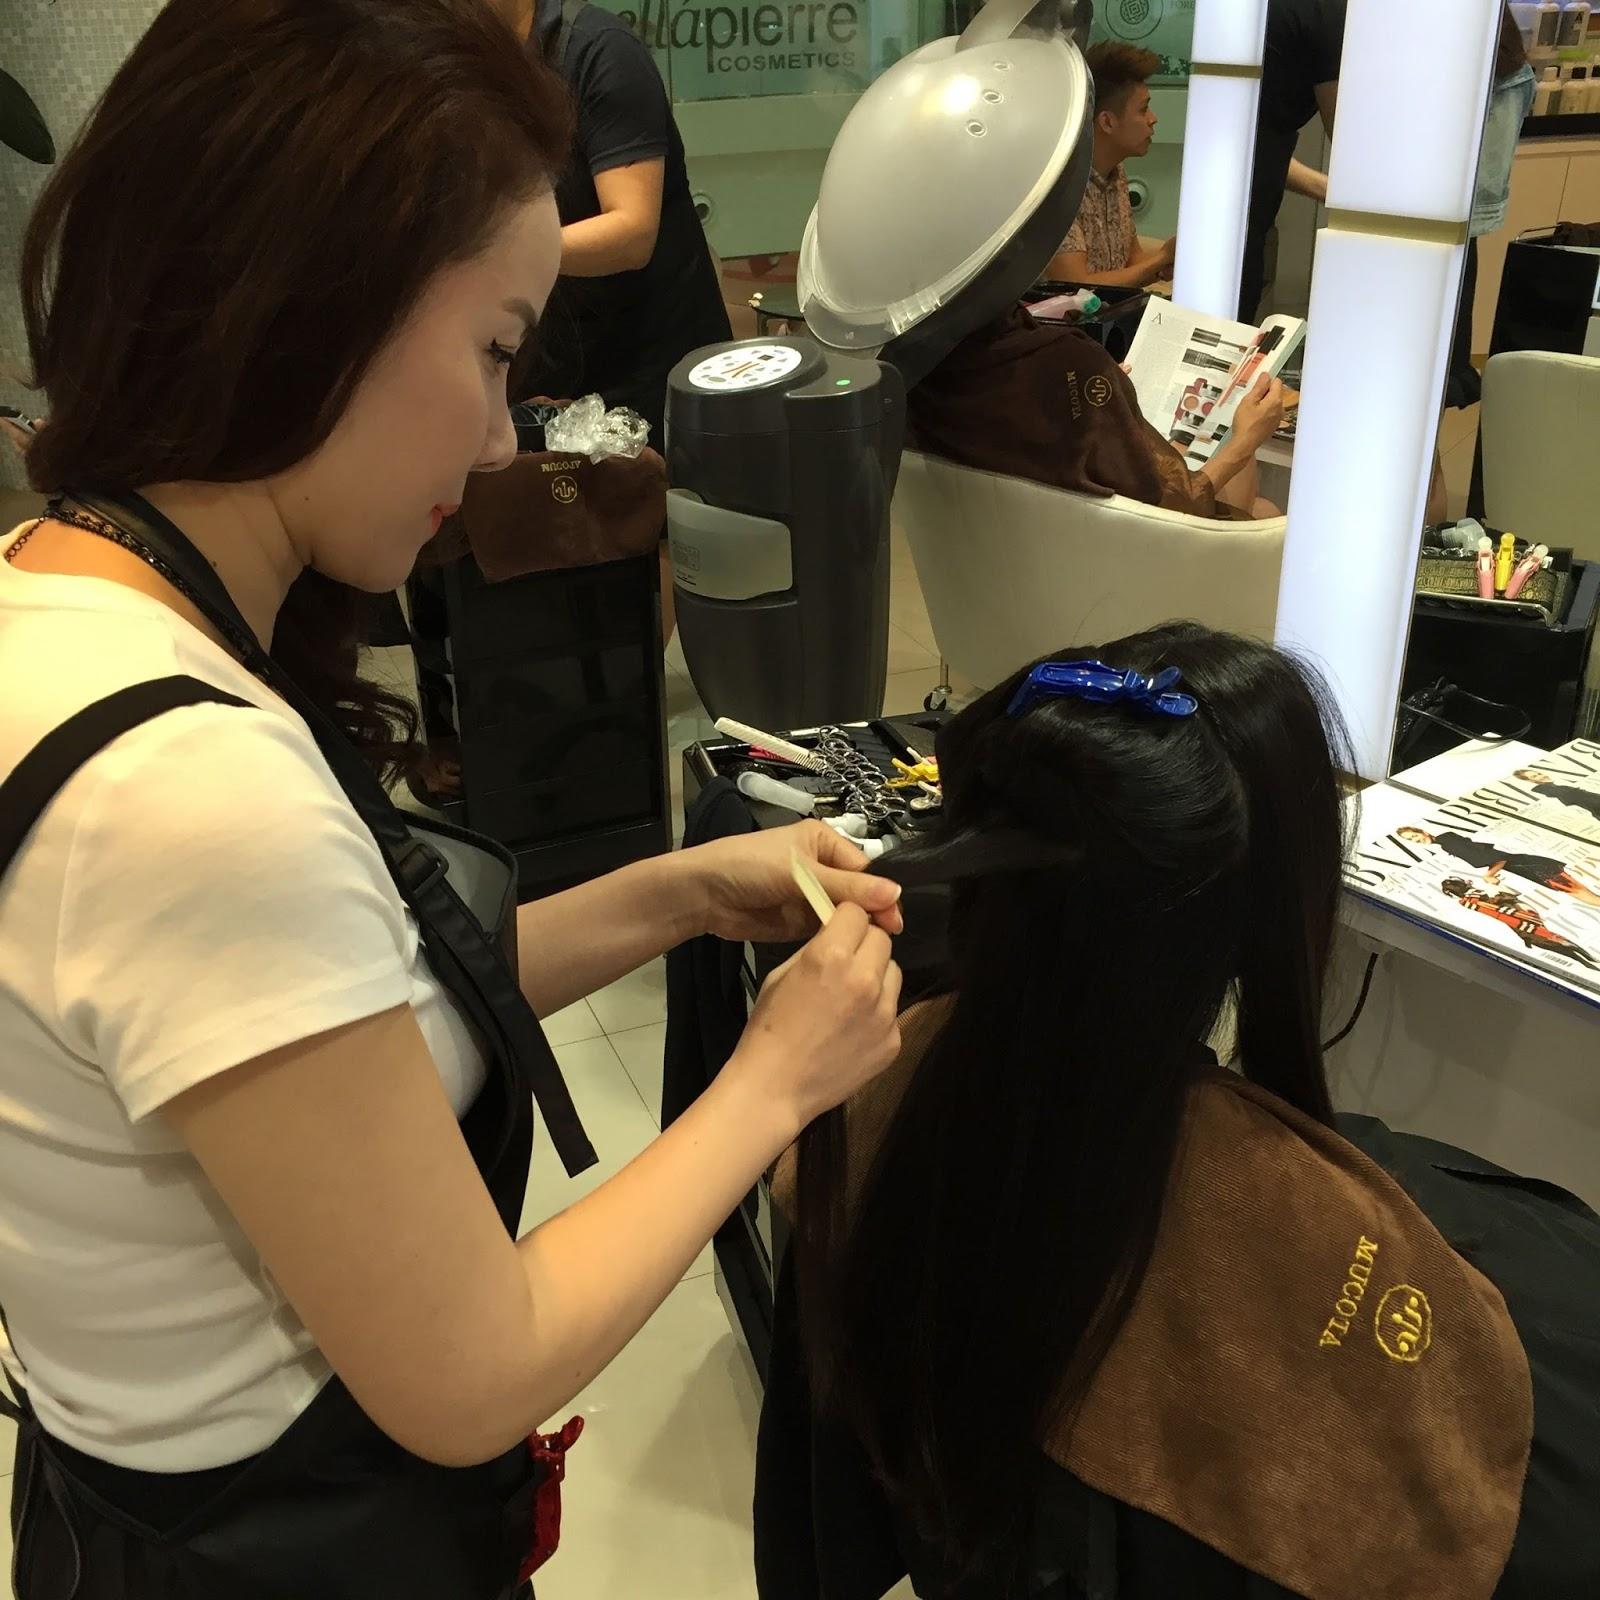 Review Of Hair Highlighting At Kenjo Salon On 19 Feb 2016 Elaine